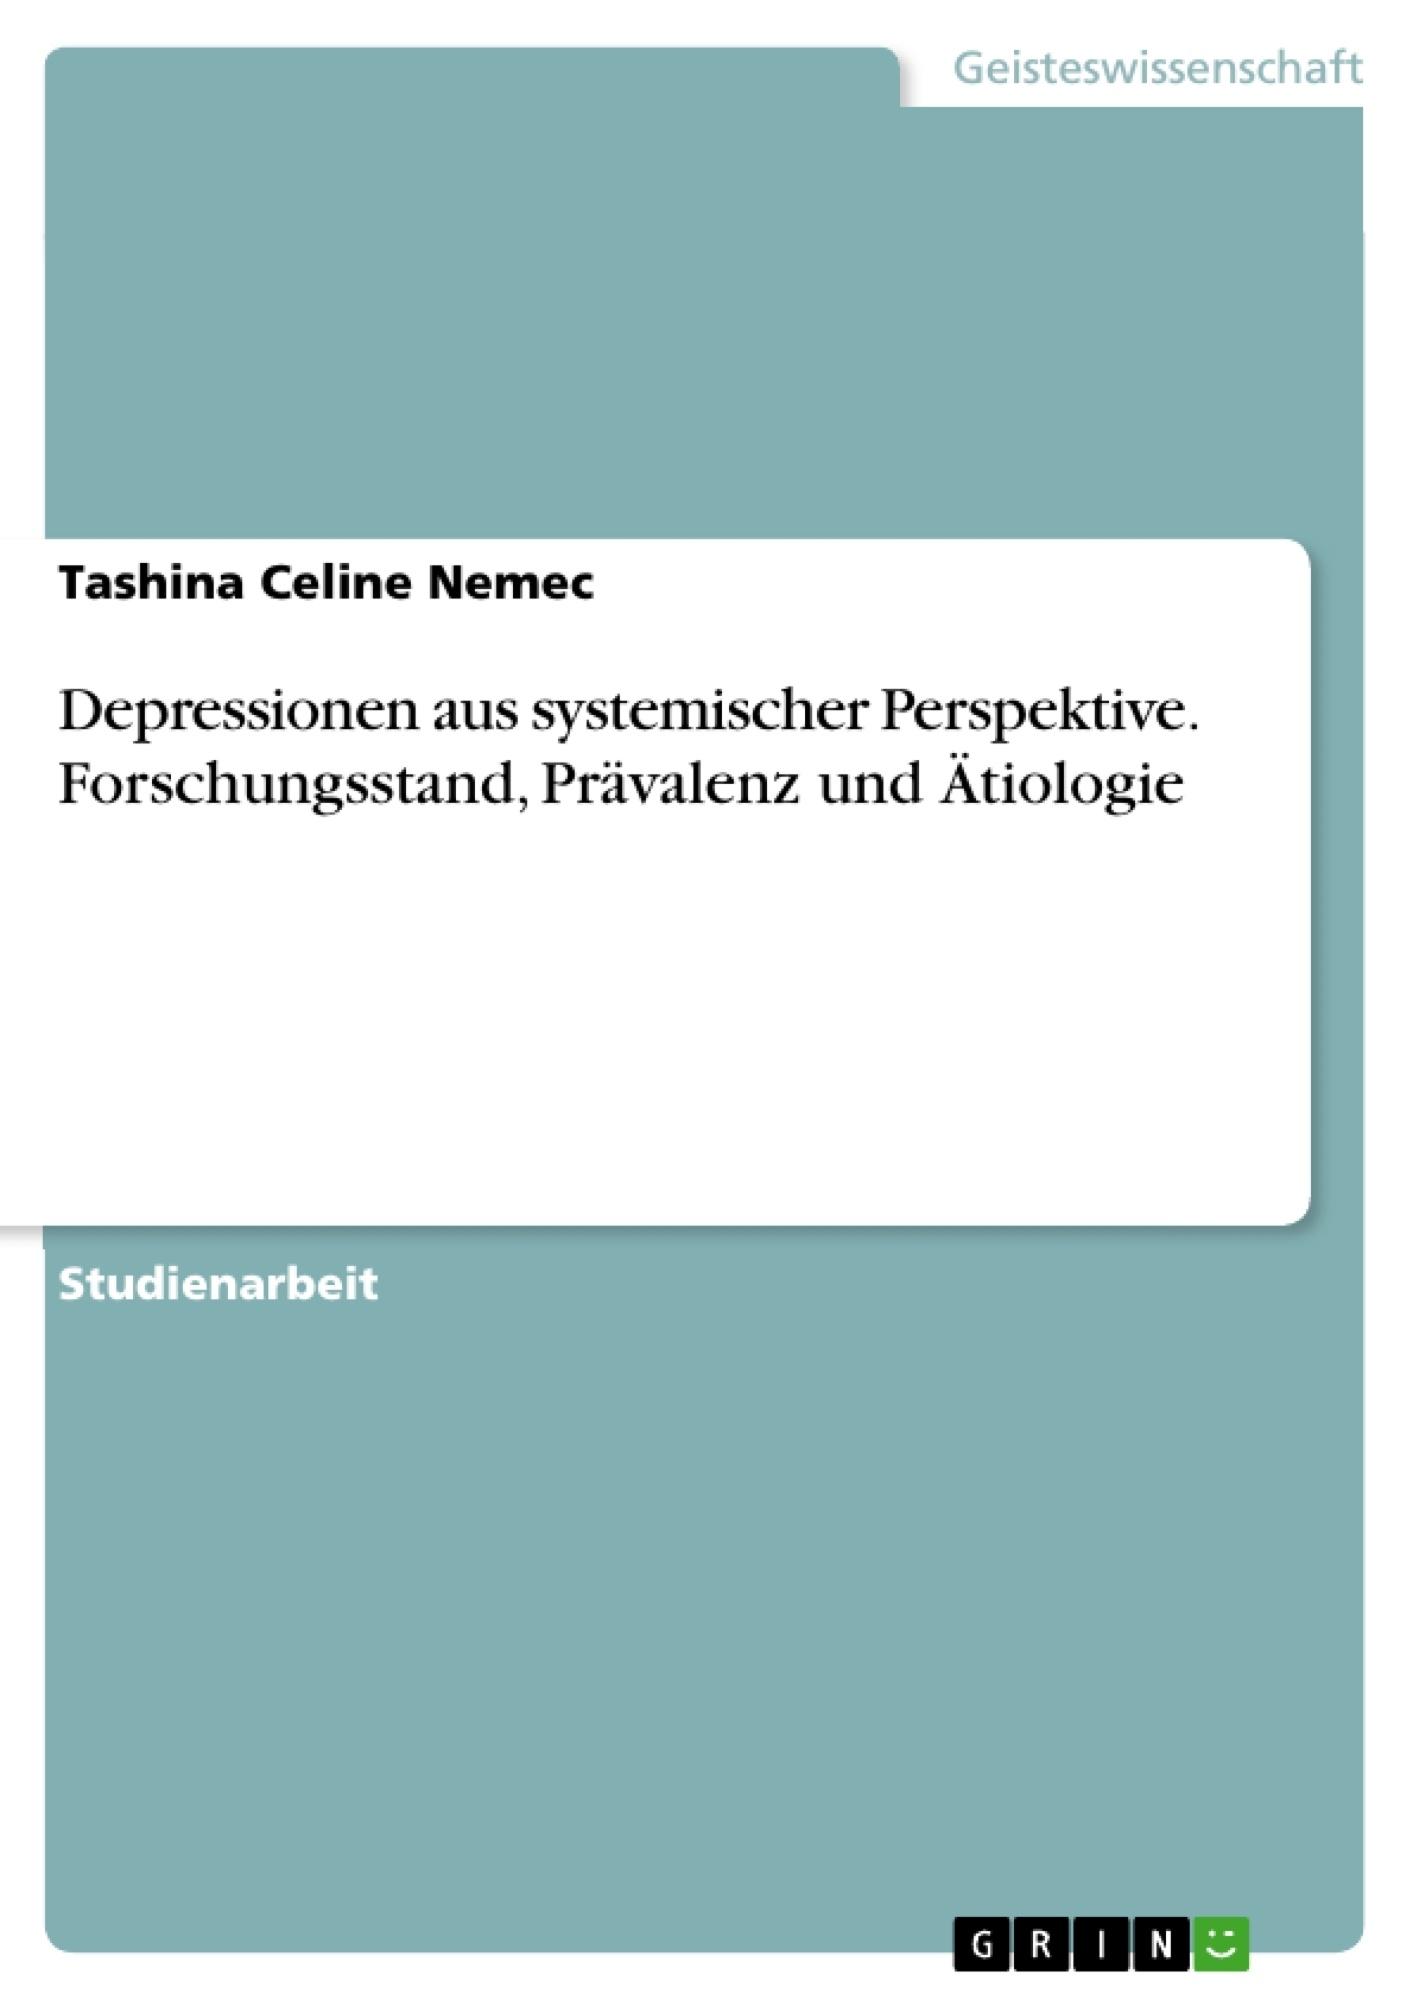 Titel: Depressionen aus systemischer Perspektive. Forschungsstand, Prävalenz und Ätiologie